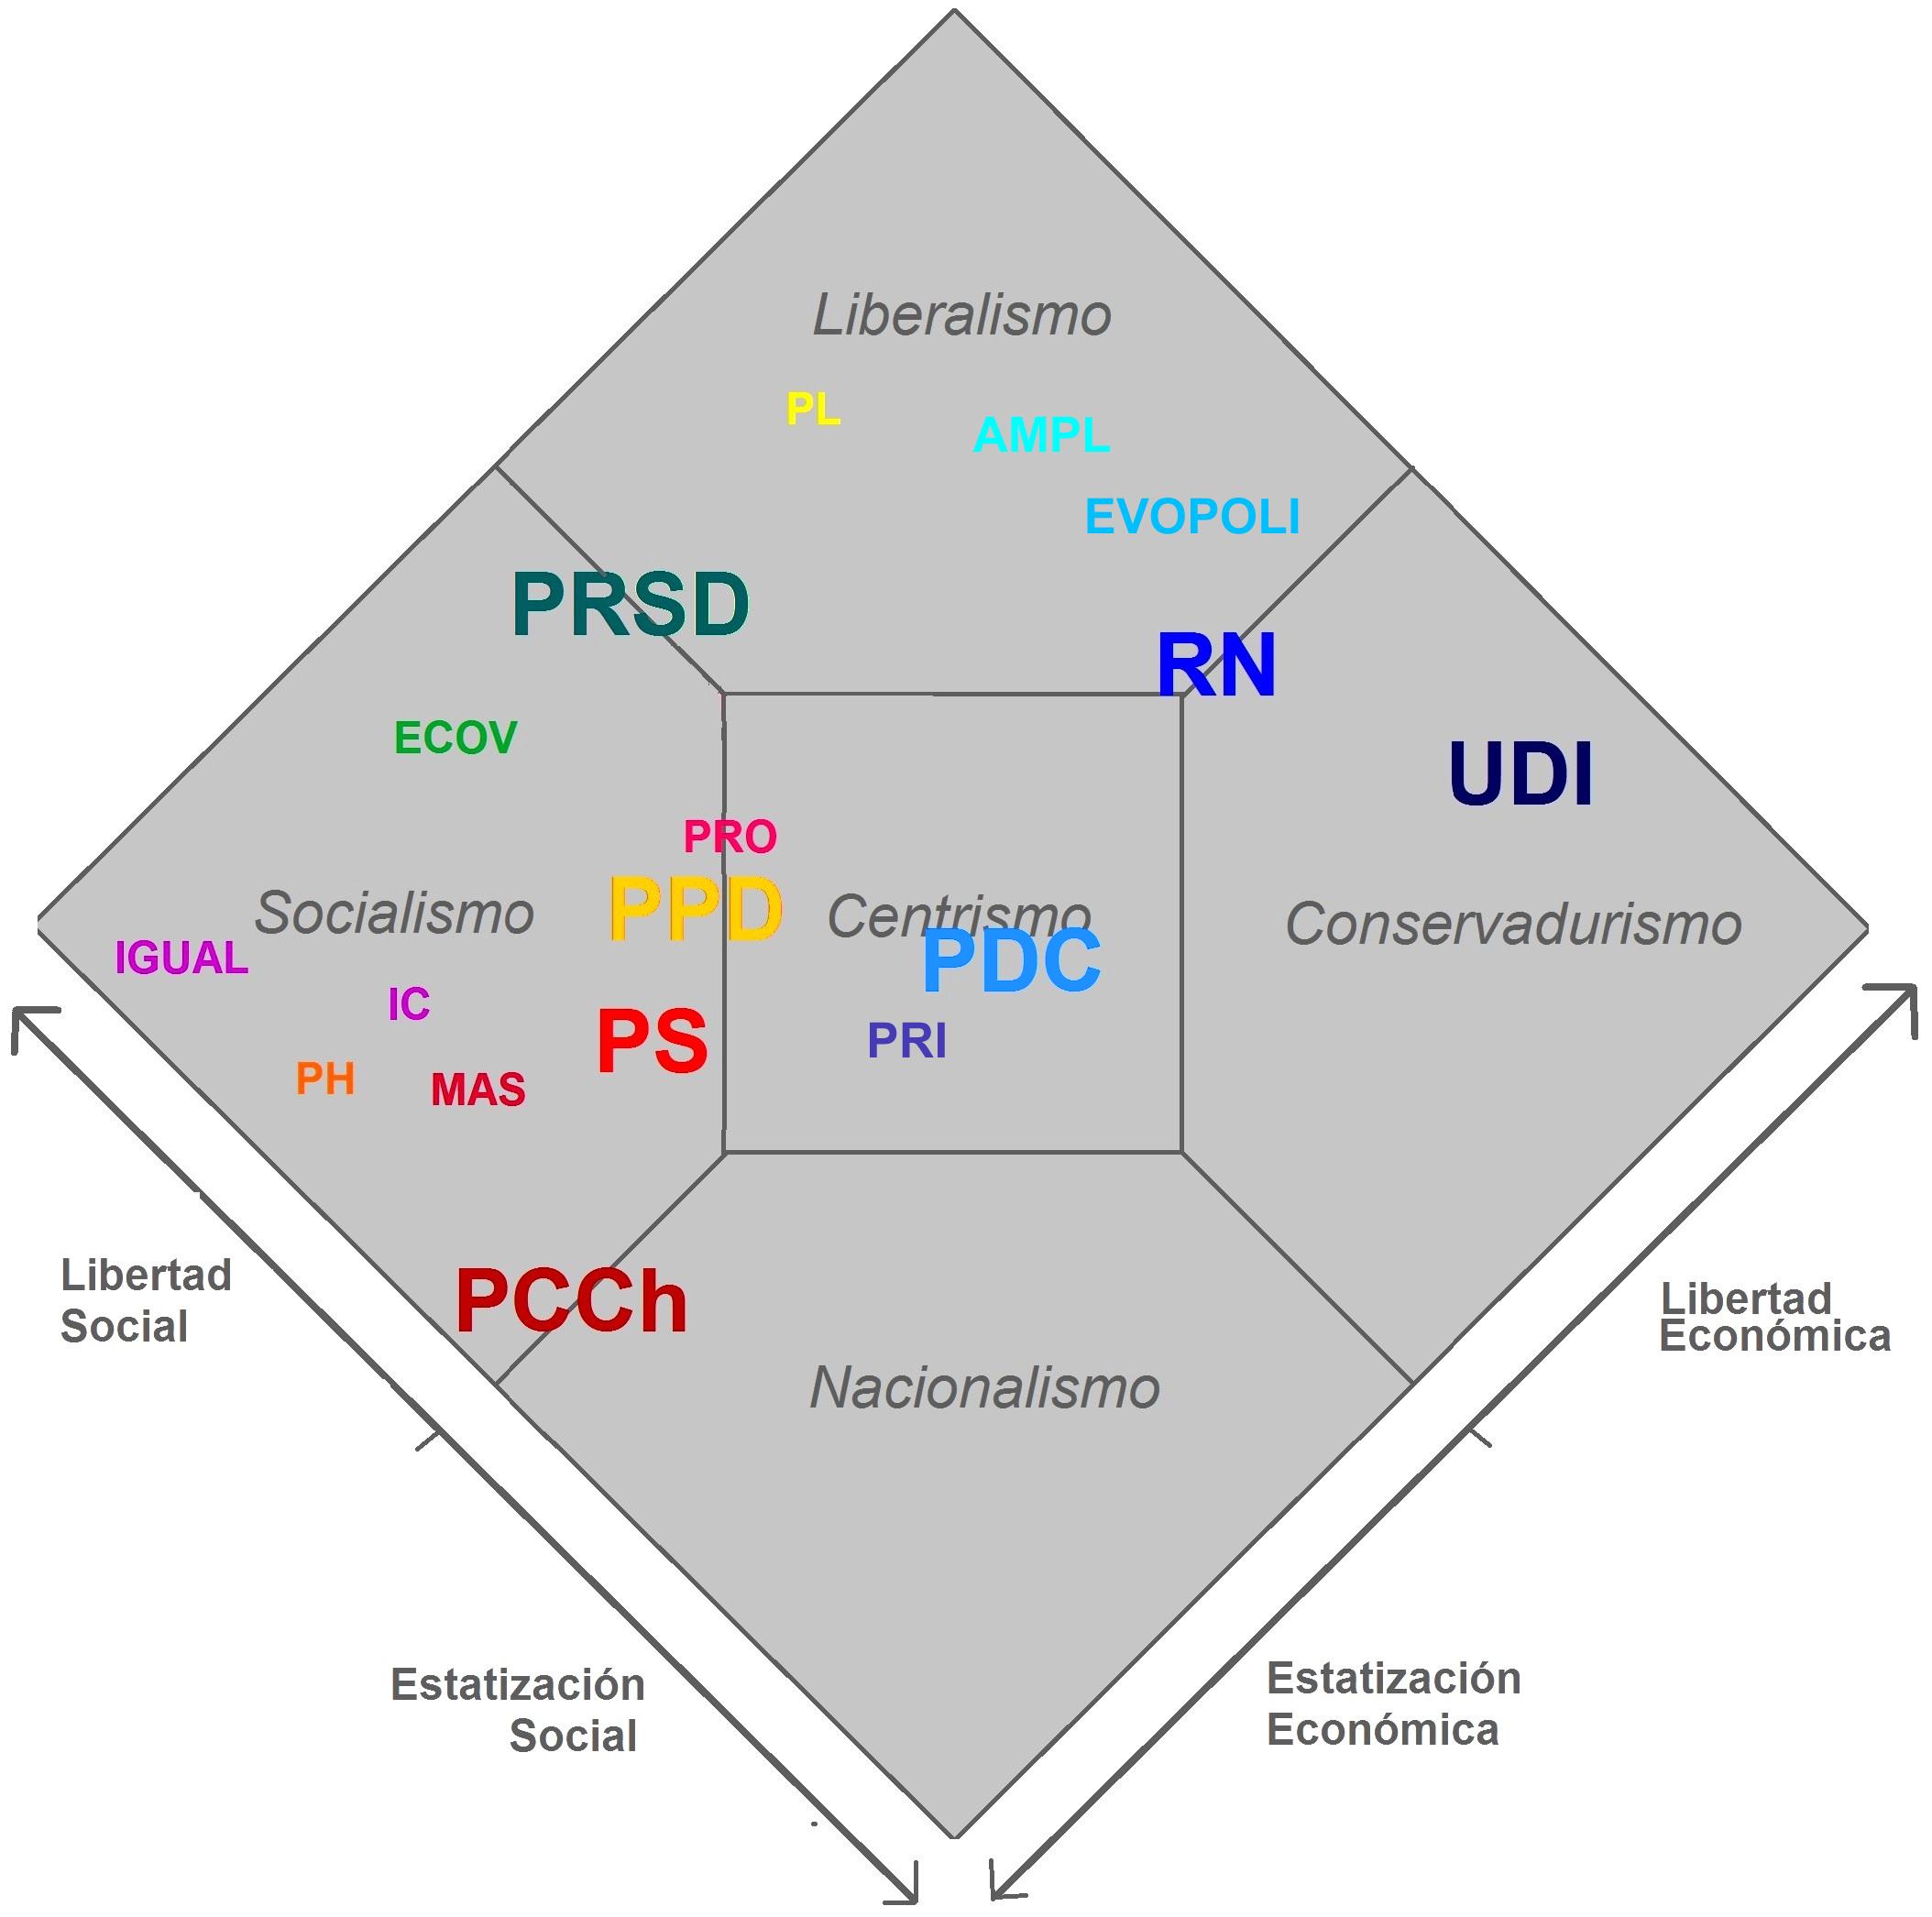 File:Diagrama Nolan Partidos políticos de Chile 2013.png - Wikimedia ...